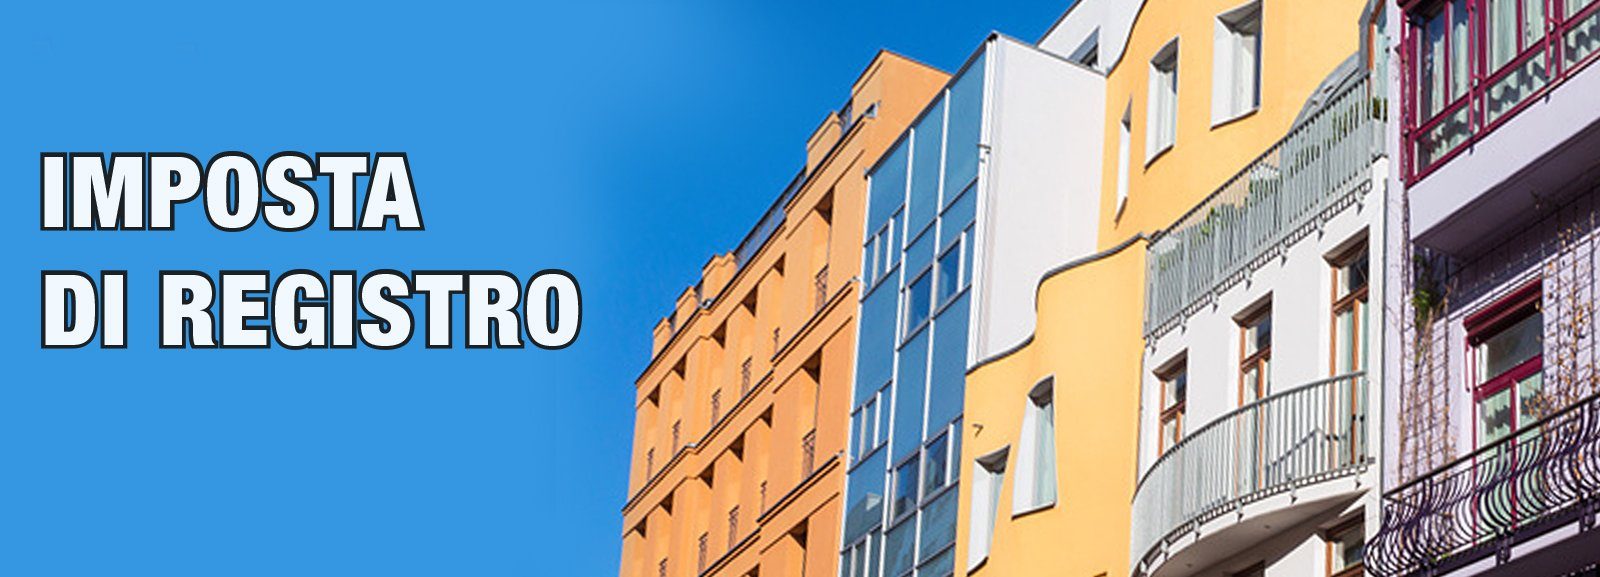 Imposte prima casa imposta di registro prima casa calcolo - Calcolo costo notaio acquisto prima casa ...